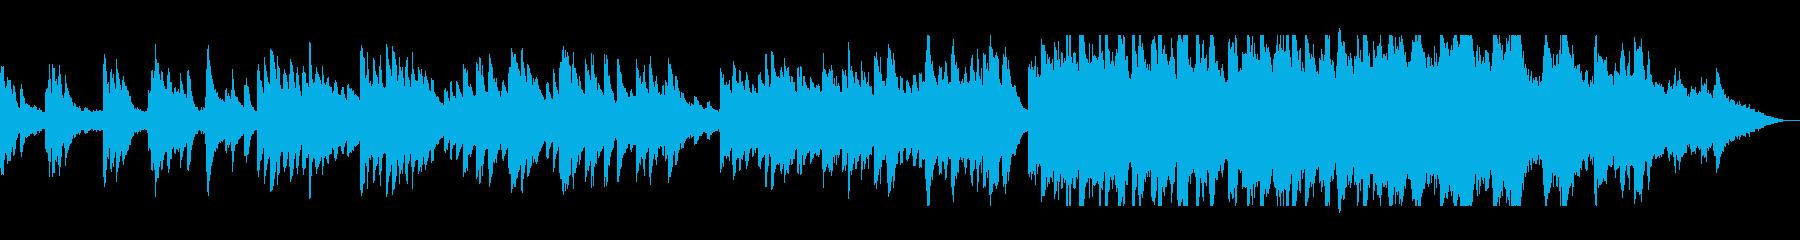 ピアノの落ち着いた旋律が主体のバラードの再生済みの波形